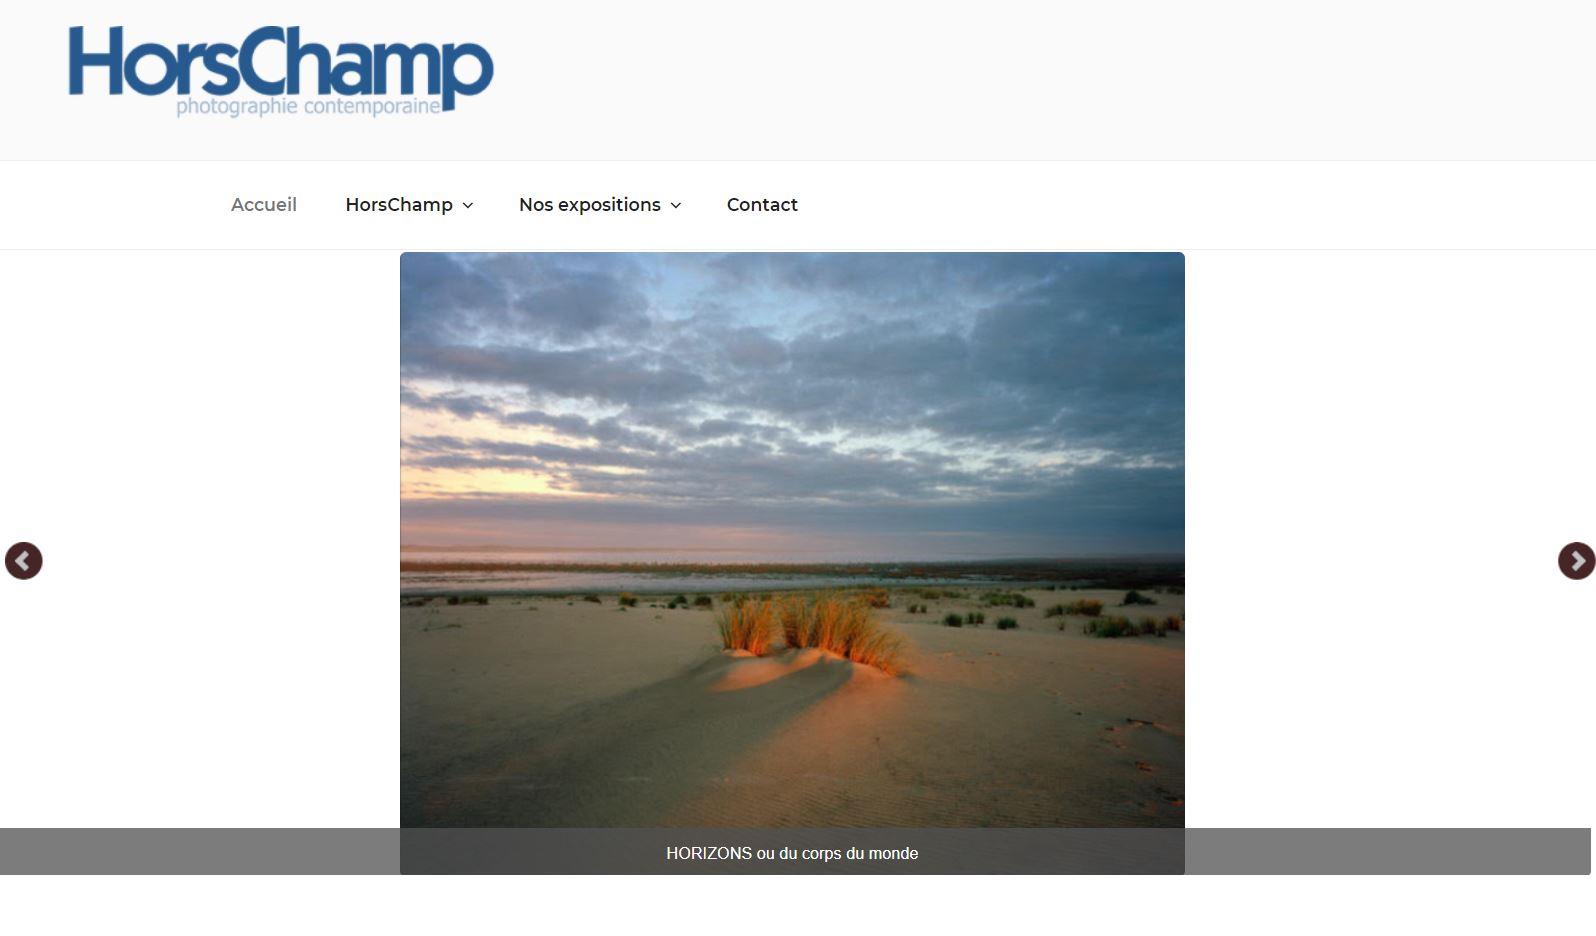 Site d'une association sur la photographie d'art